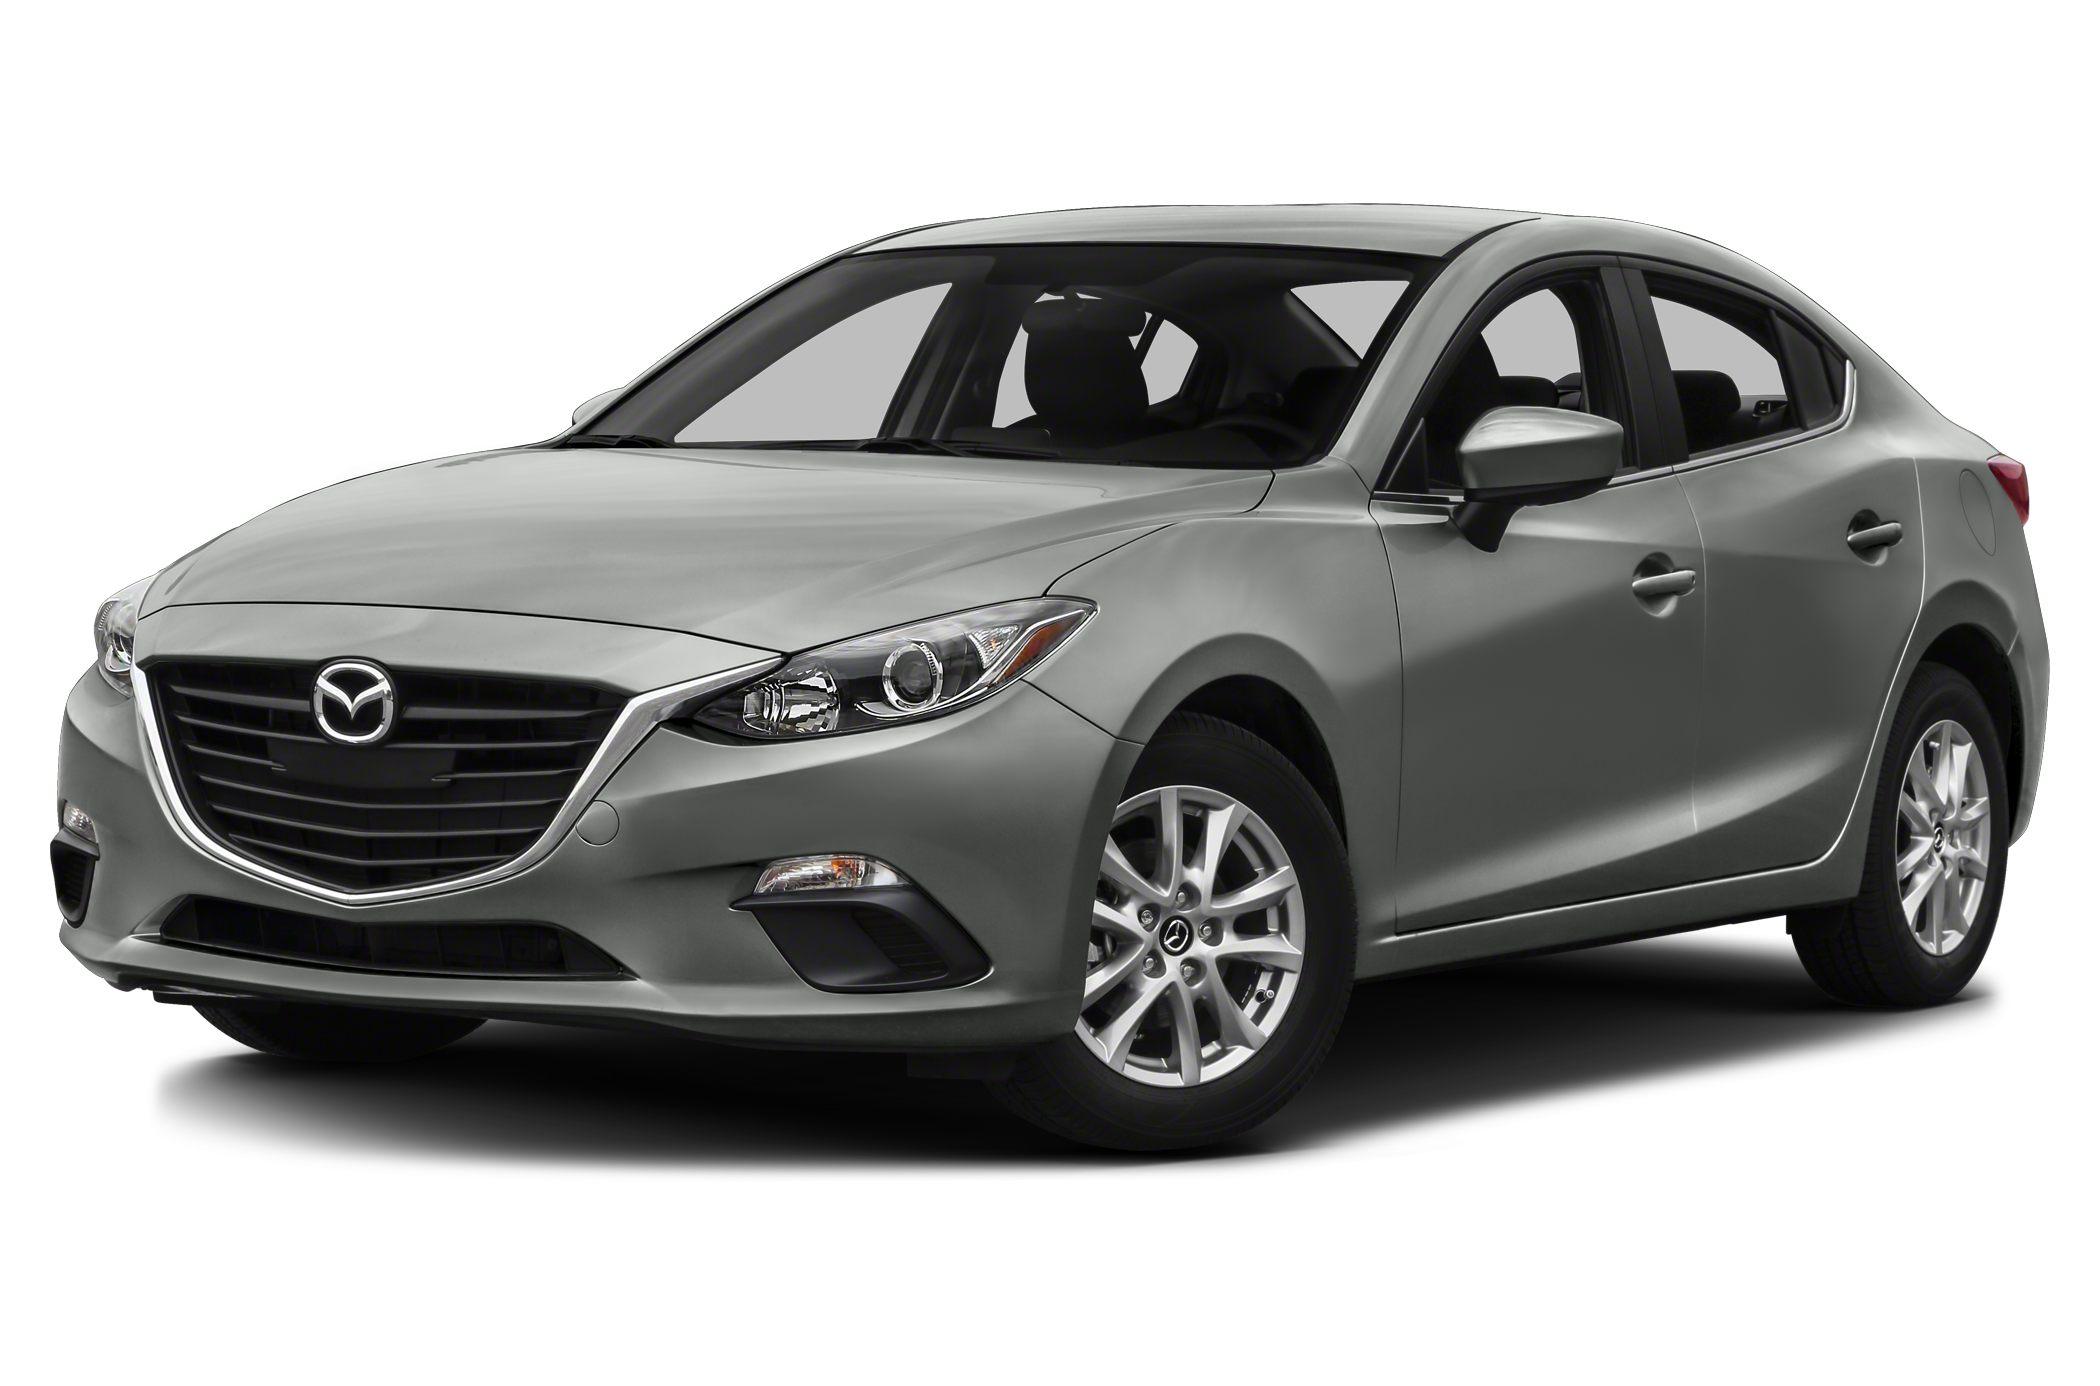 2014 Mazda Mazda3 I Touring Sedan for sale in Nashville for $21,440 with 10 miles